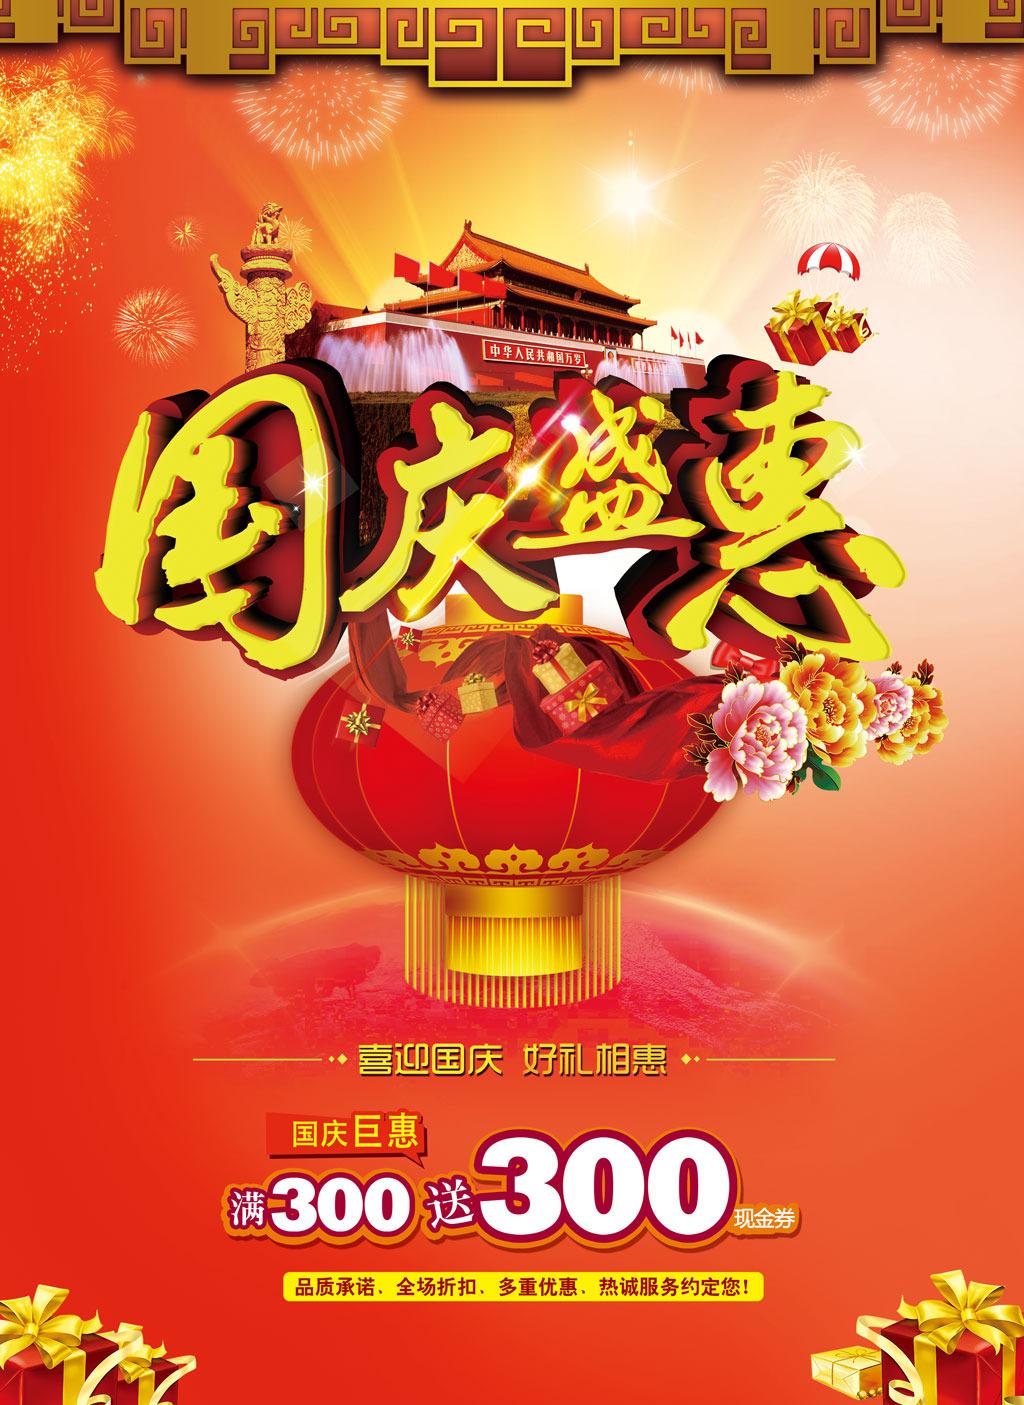 国庆盛惠促销活动海报设计图片下载